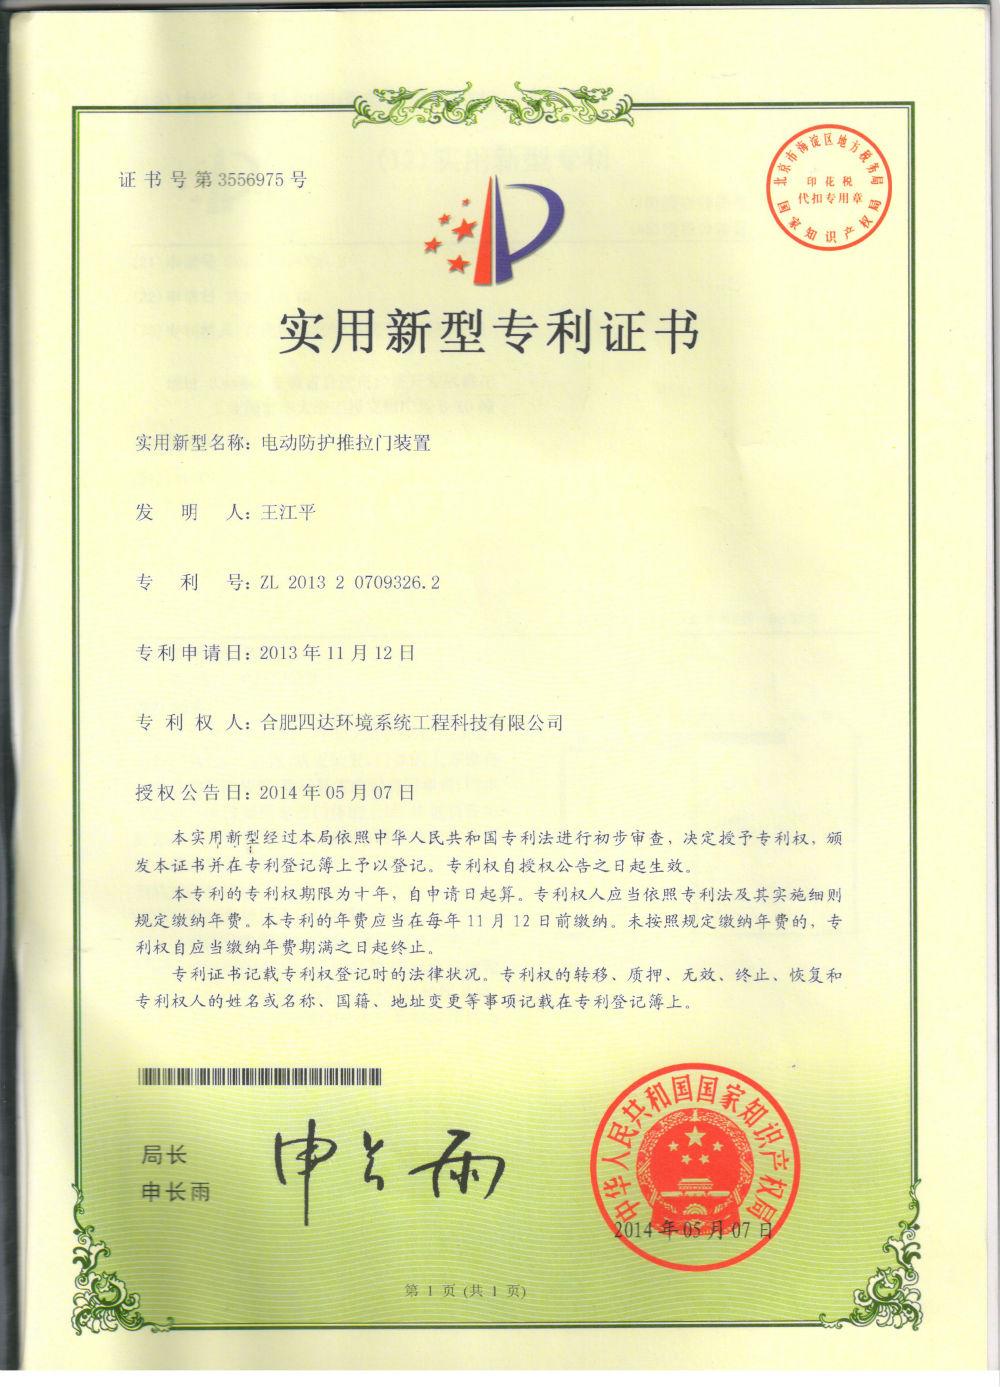 title='實用新型專利證書-電動防護推拉門裝置'